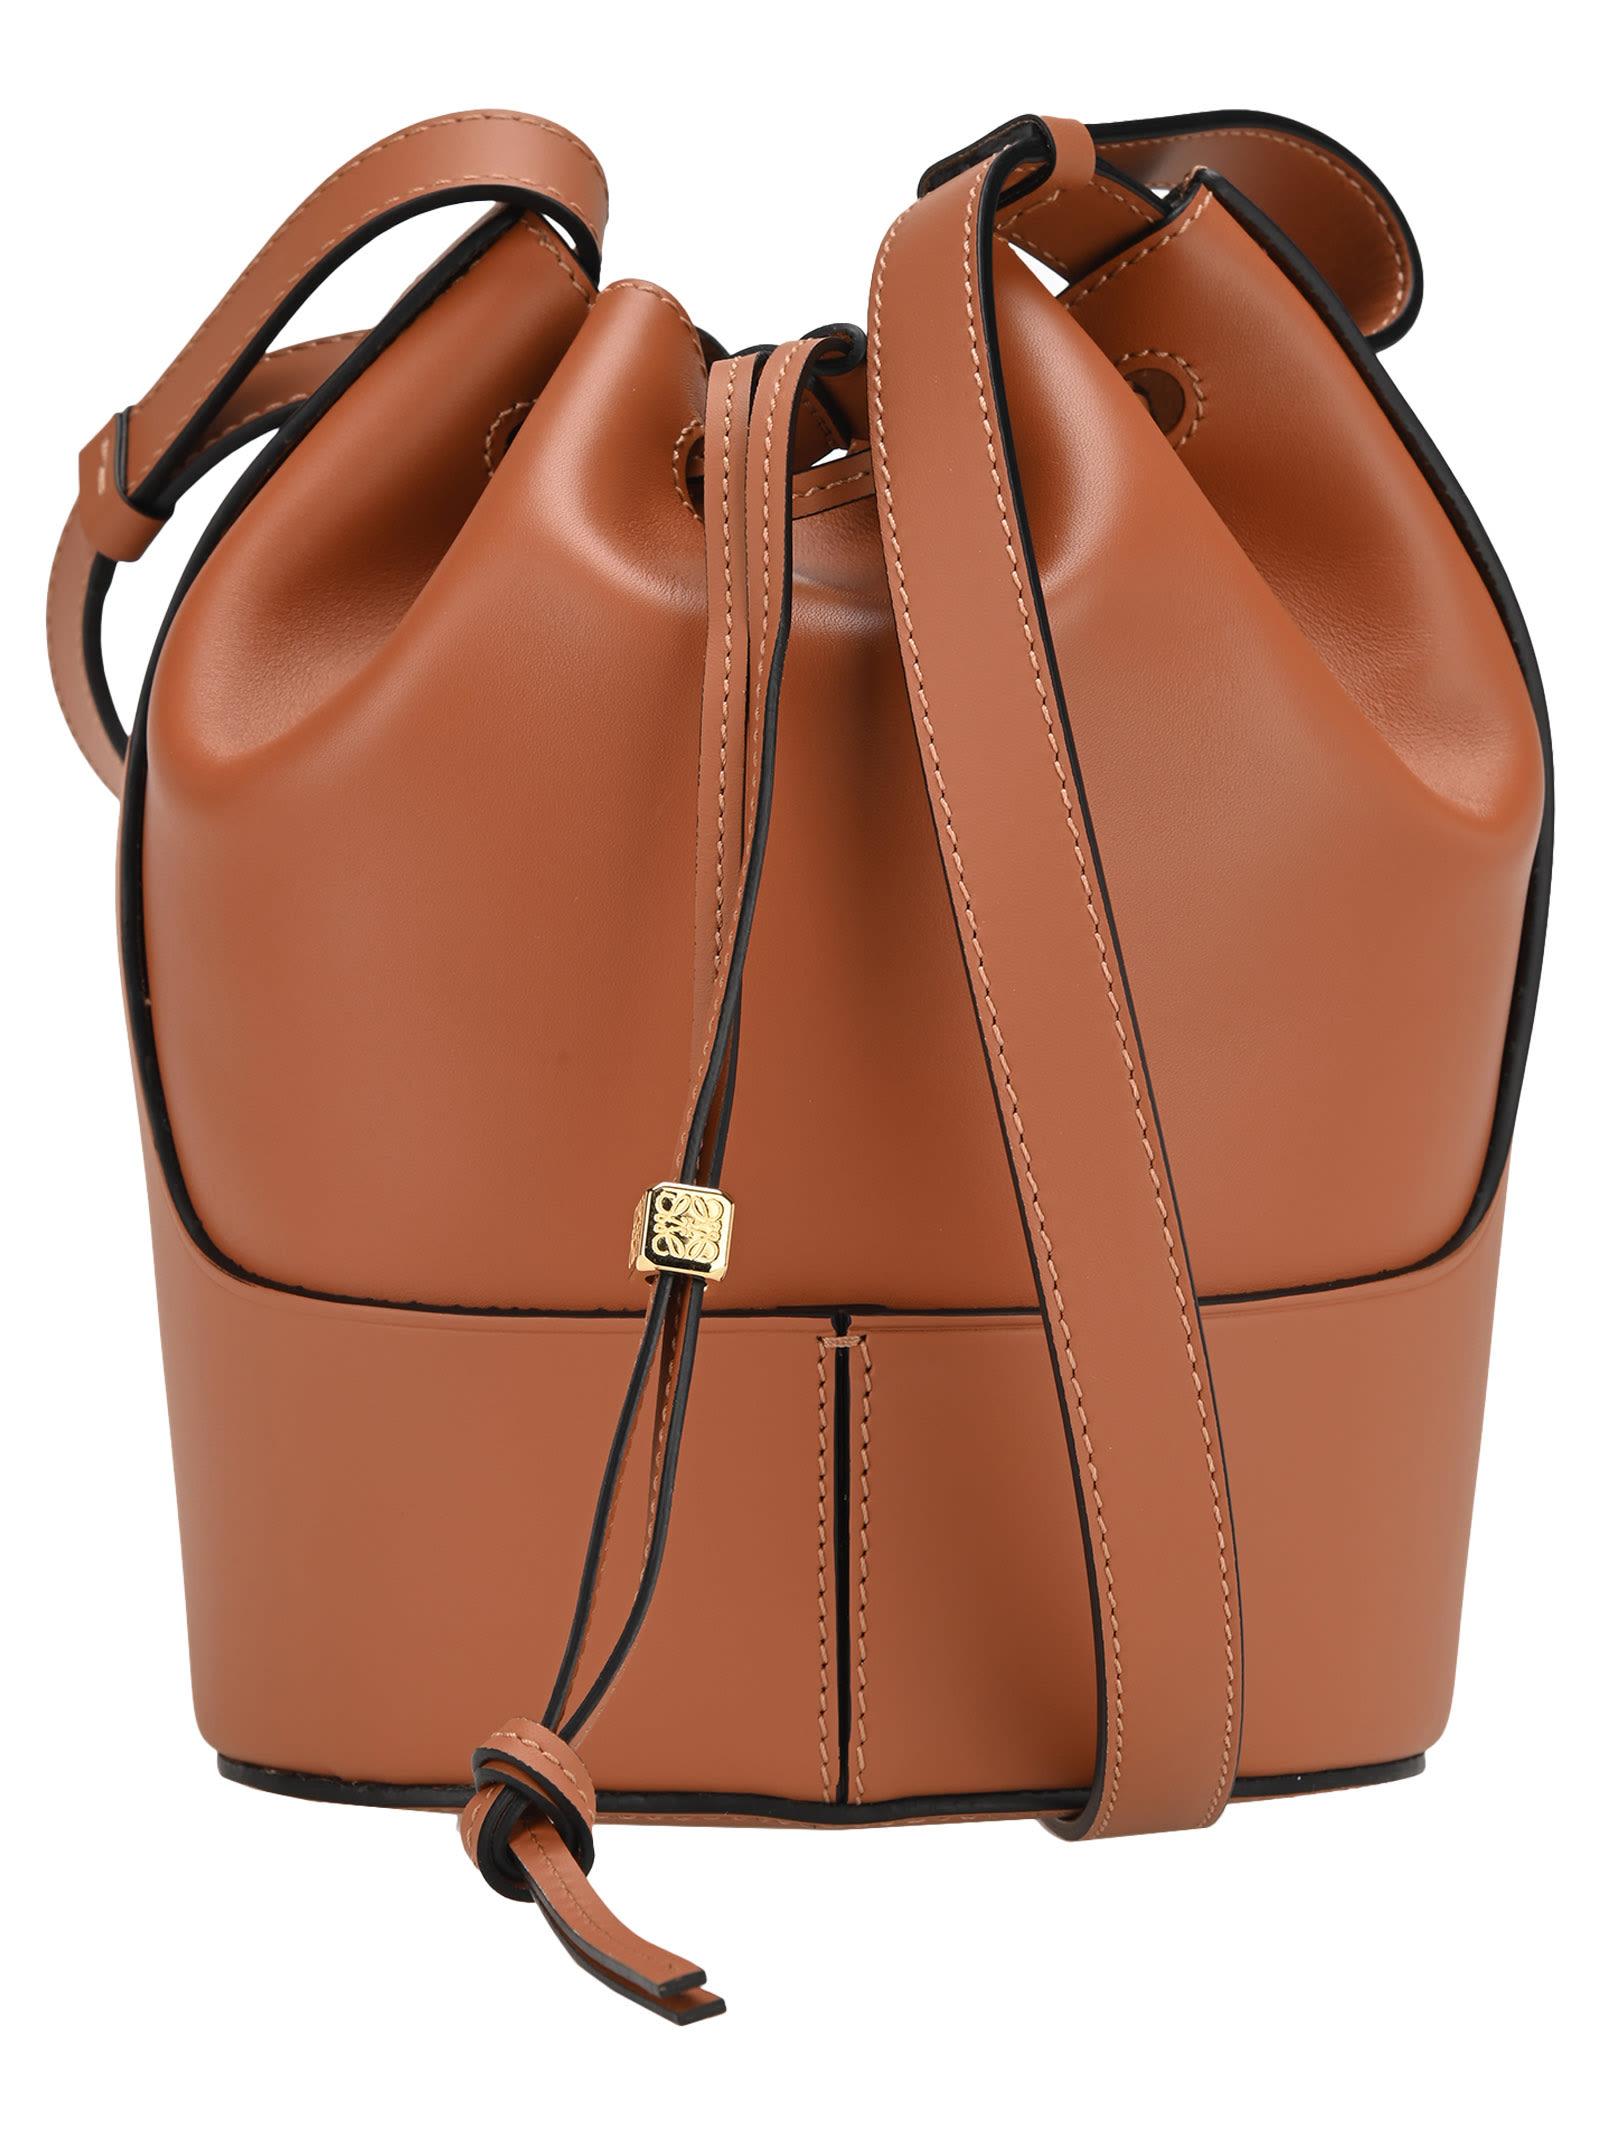 Loewe Small Balloon Bag